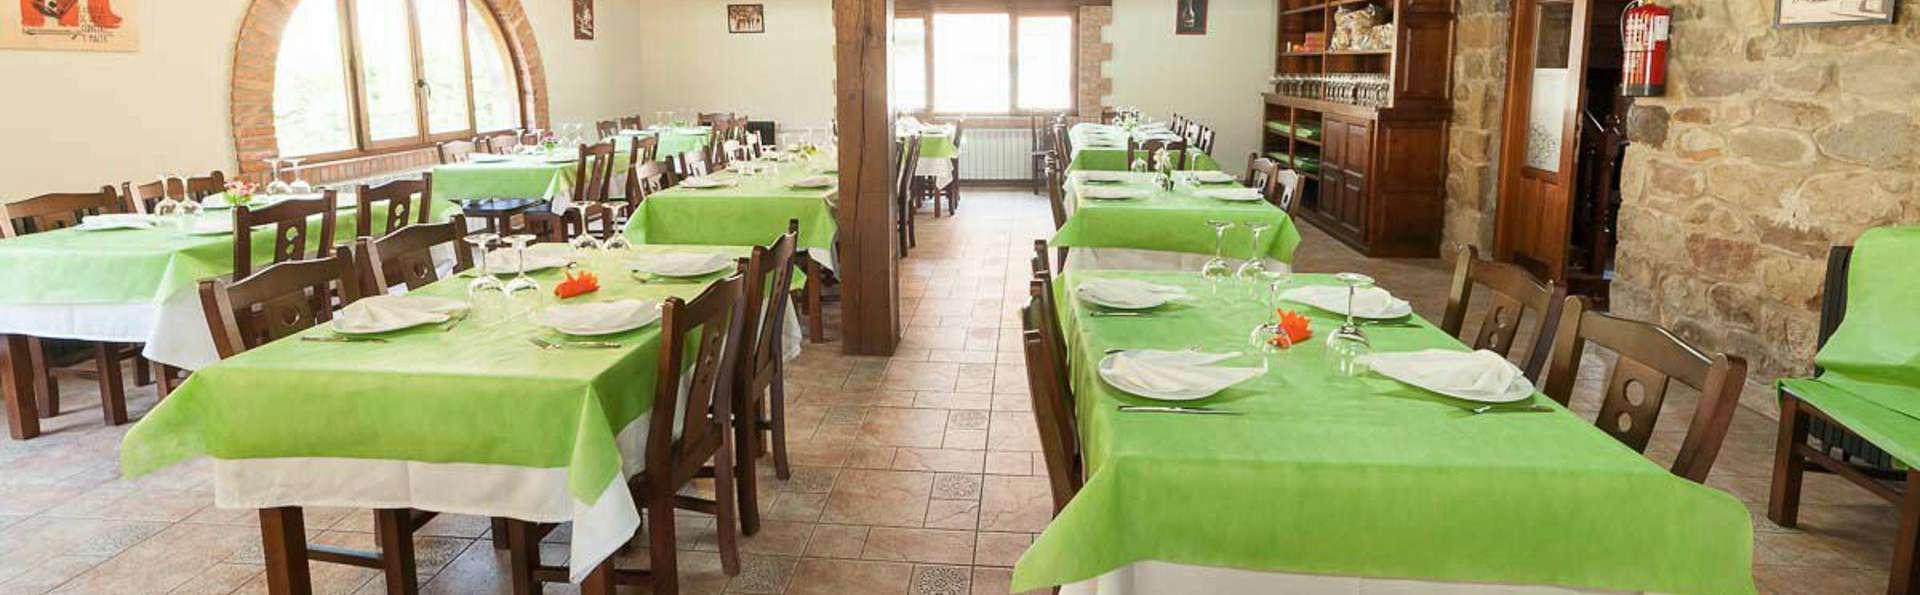 Cuisine traditionnelle dans le parc naturel de Saja-Besaya